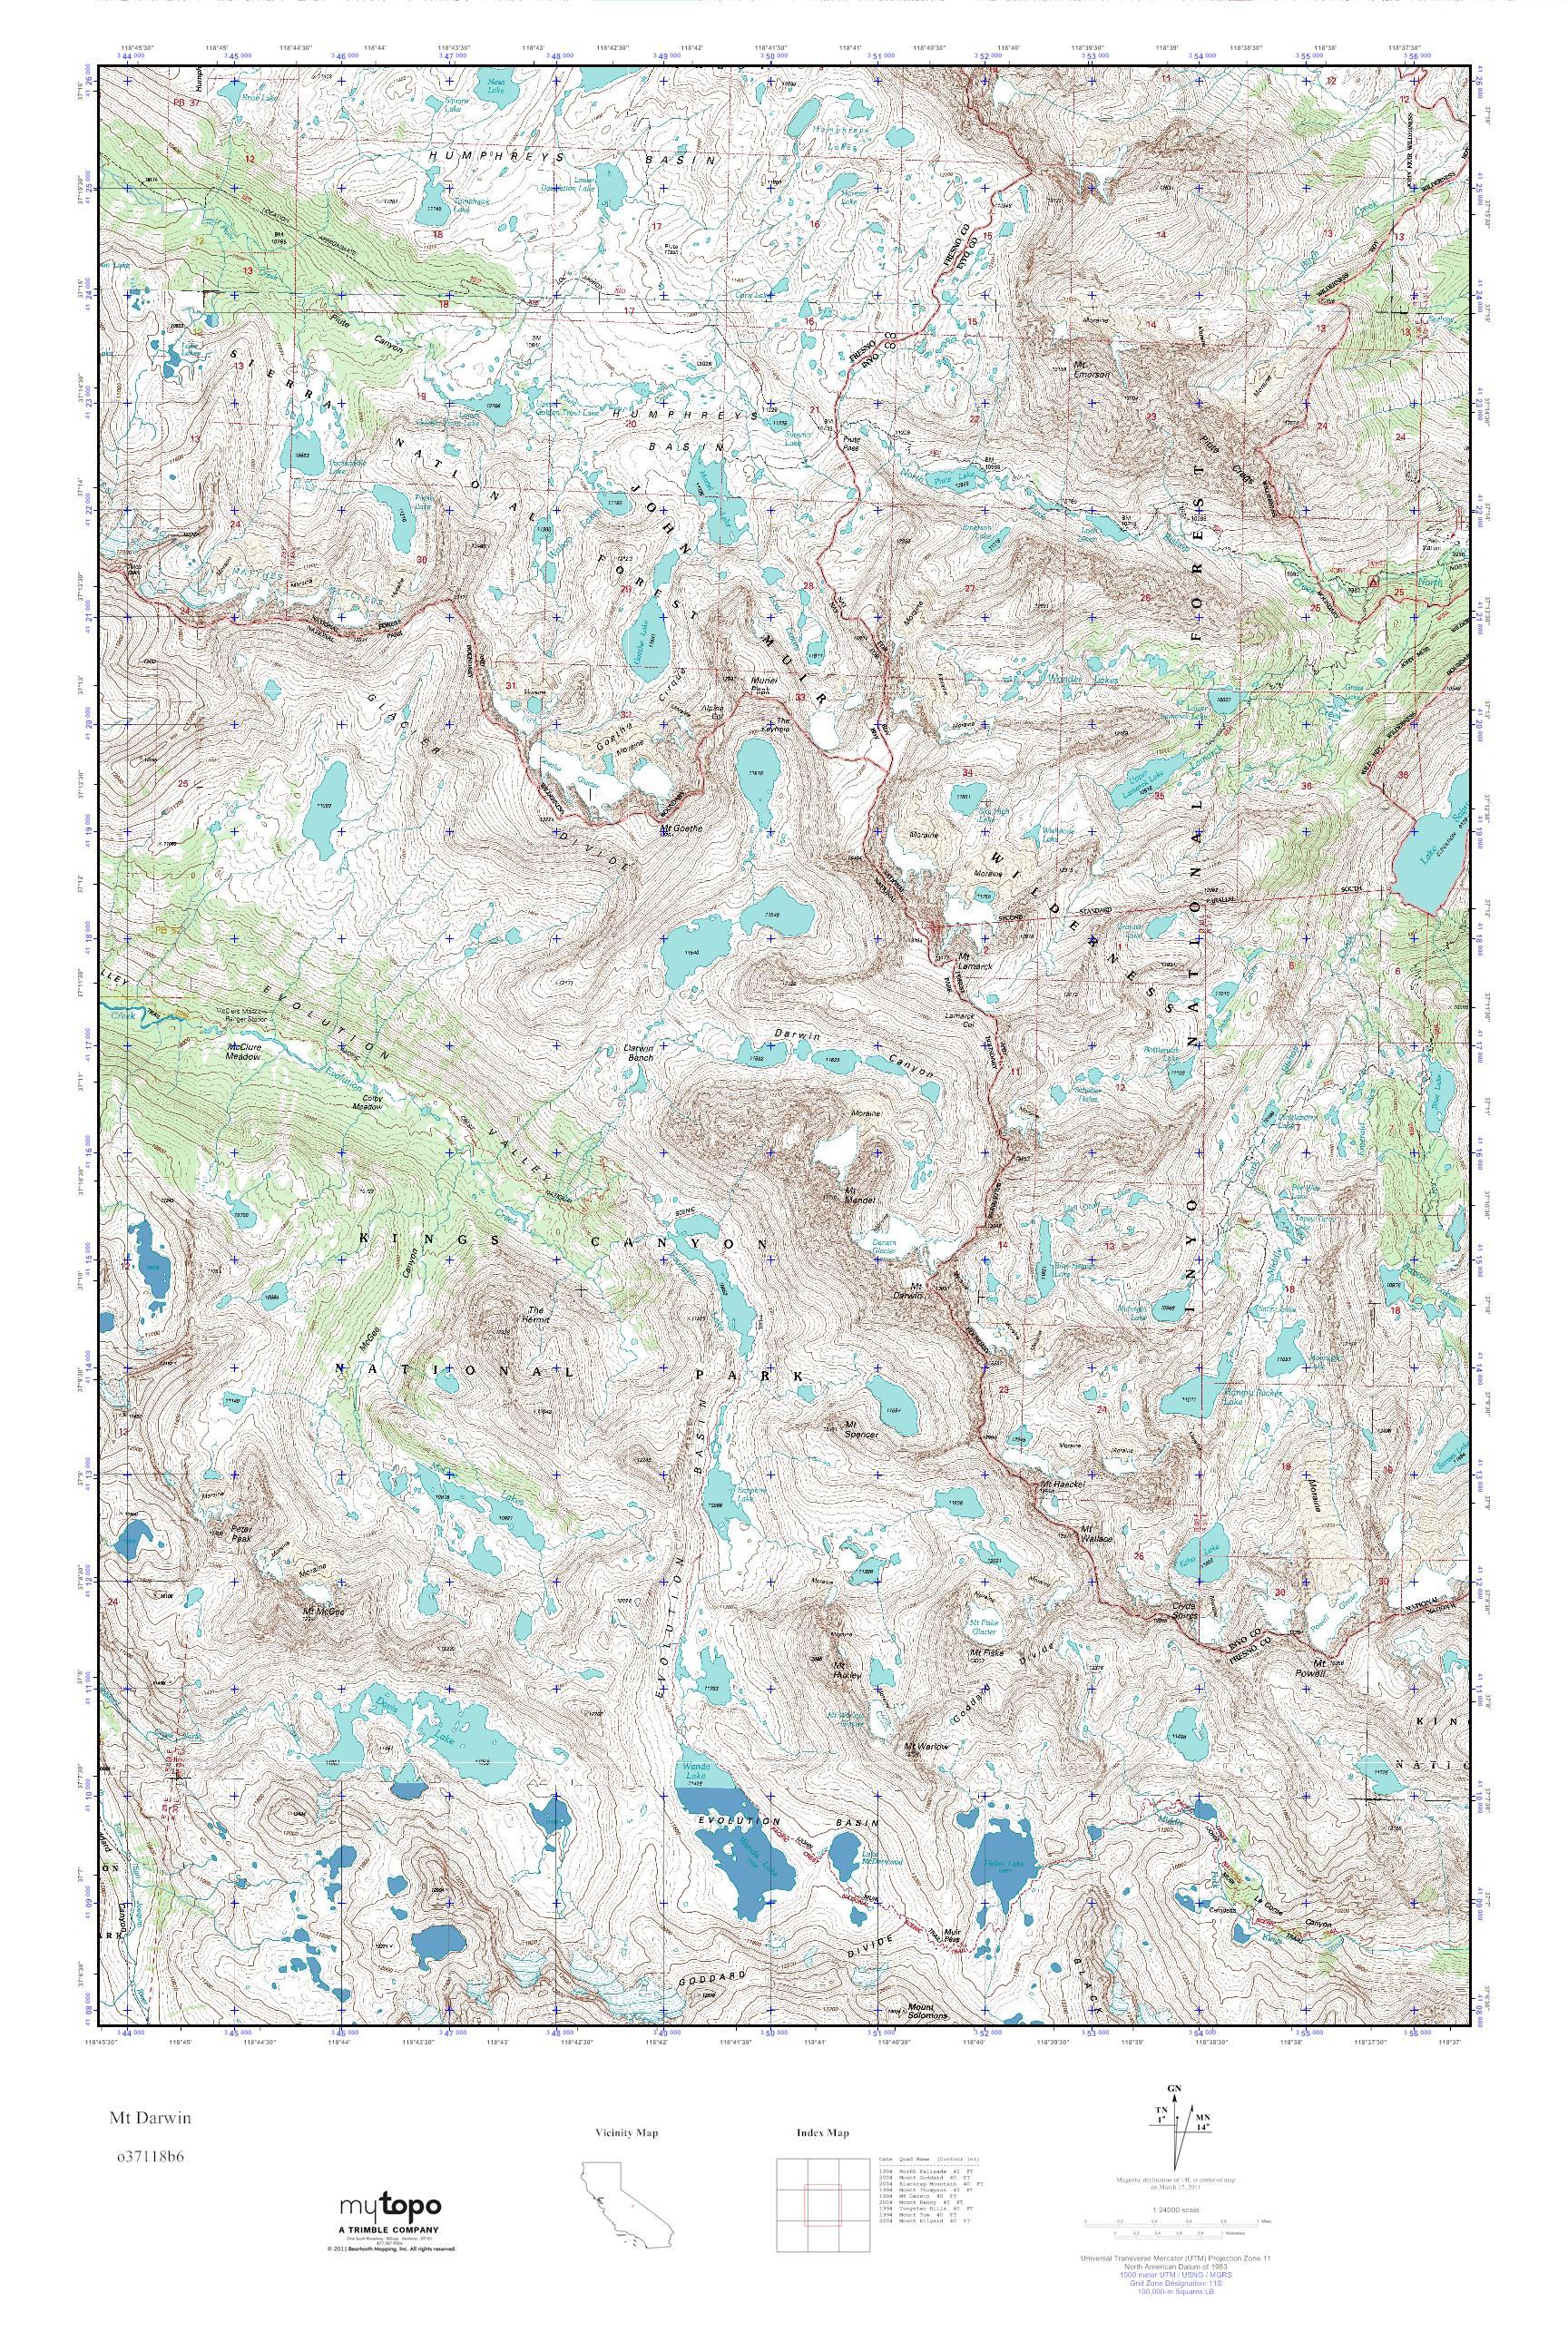 Darwin California Map.Mytopo Mt Darwin California Usgs Quad Topo Map